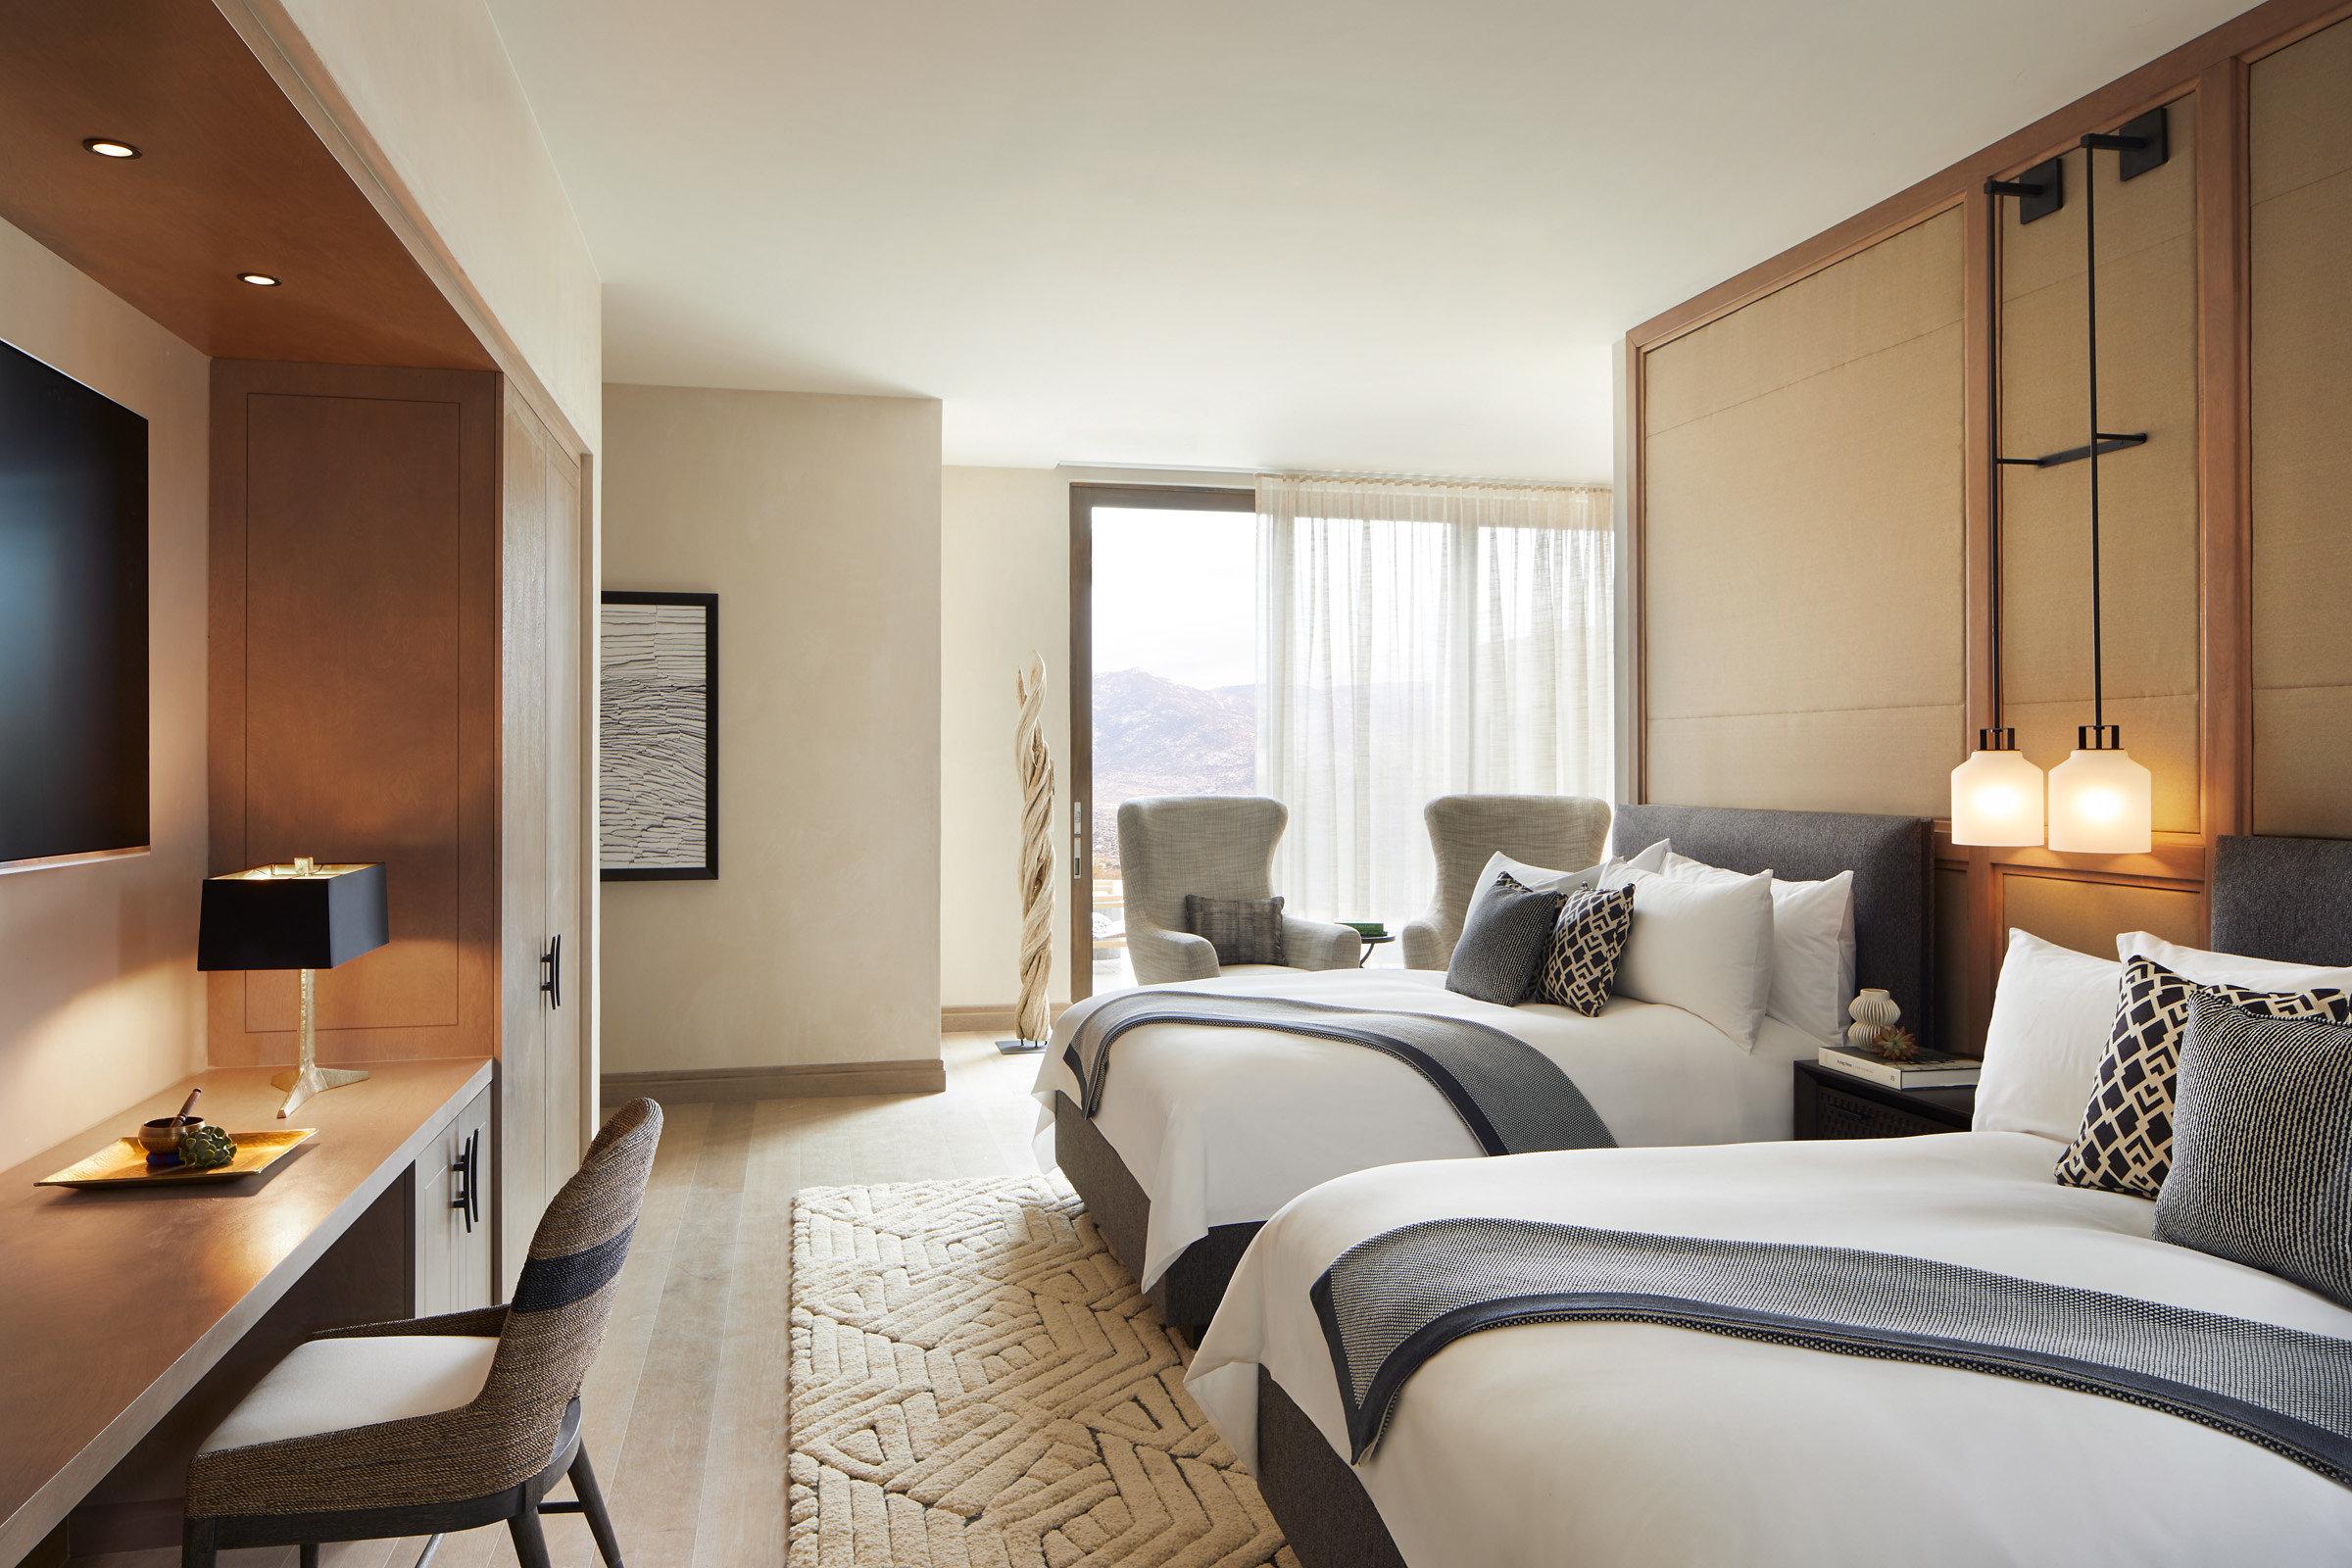 180214_Retreat941_bedroom_498.jpg